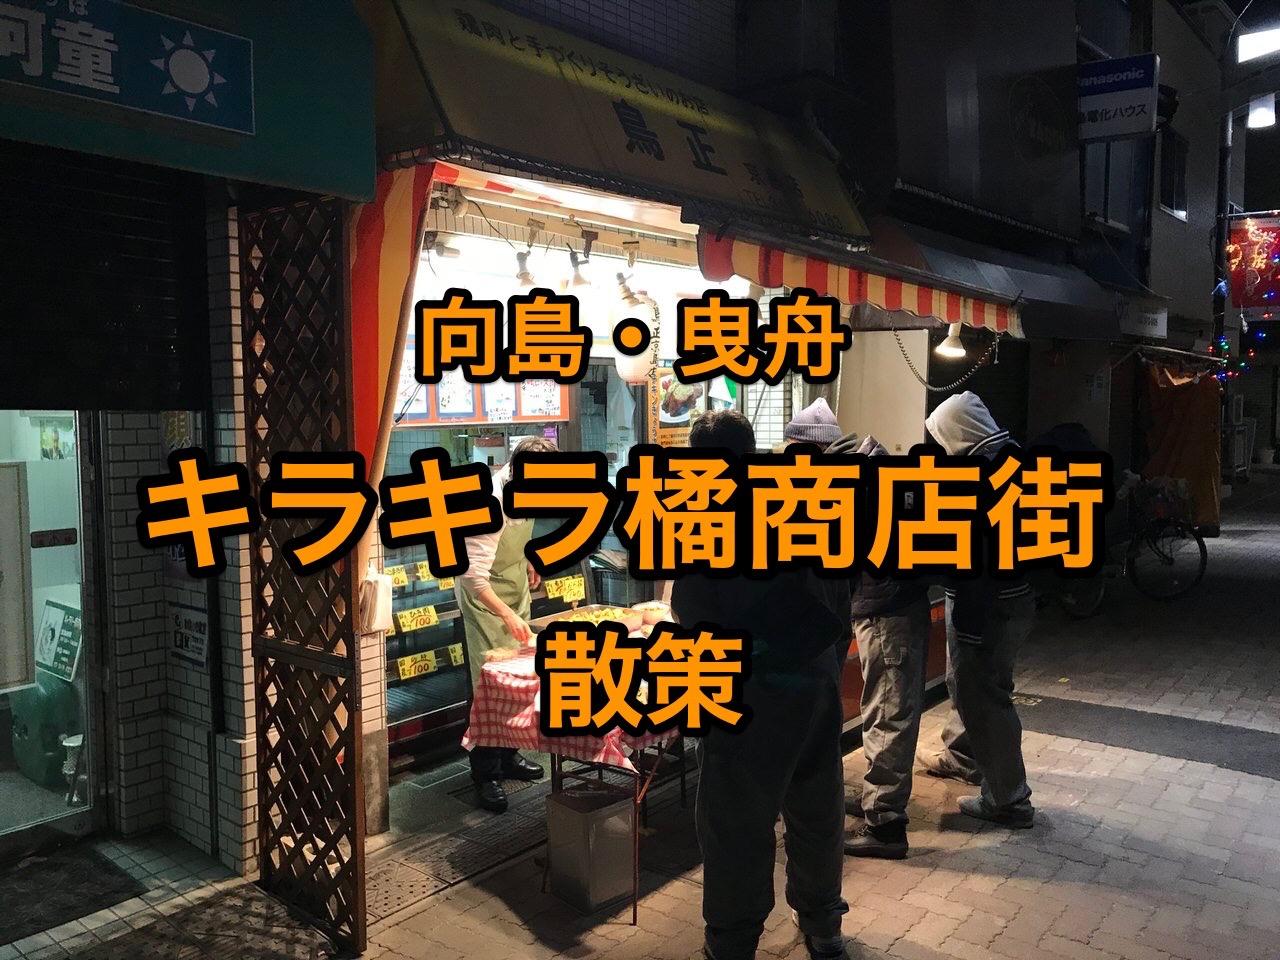 【曳舟】下町人情あふれる「キラキラ橘商店街」明るいうちからぜひ再訪したい!商店街で買って持ち込みしたい!【向島】